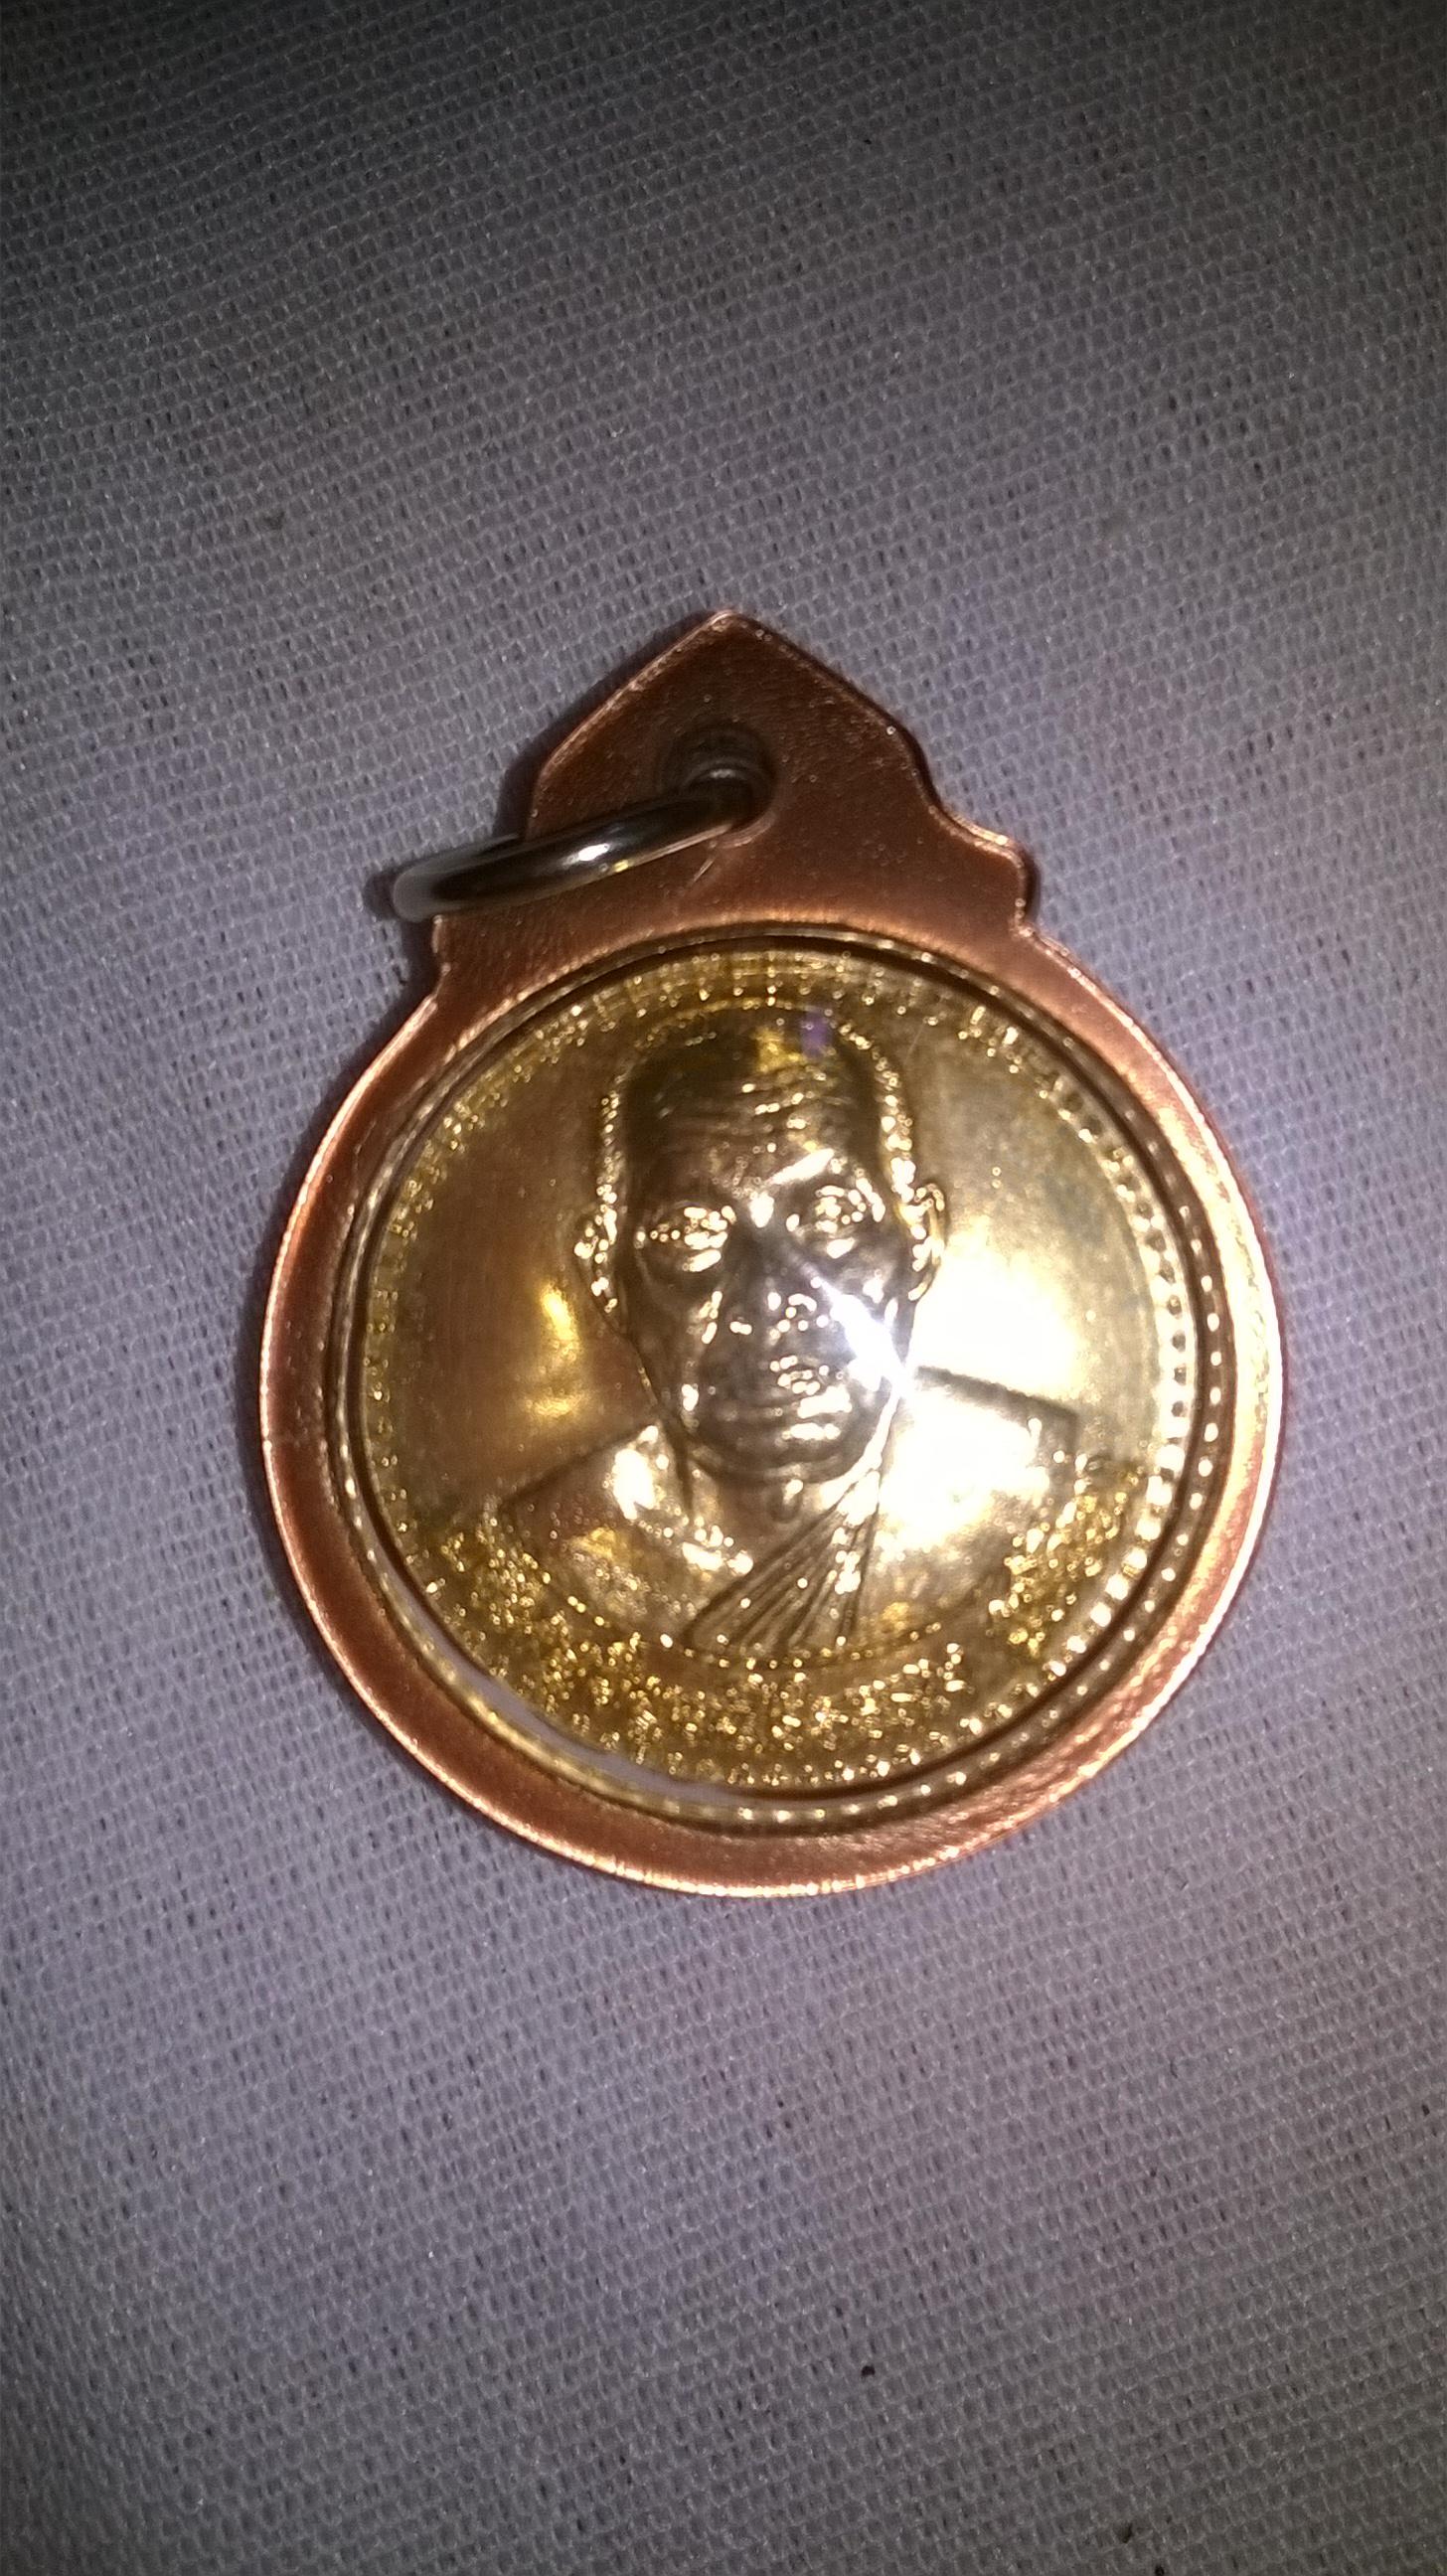 เหรียญหลังกระทิงติดหนังเสือ หลวงพ่อเพี้ยน วัดตุ๊กตา